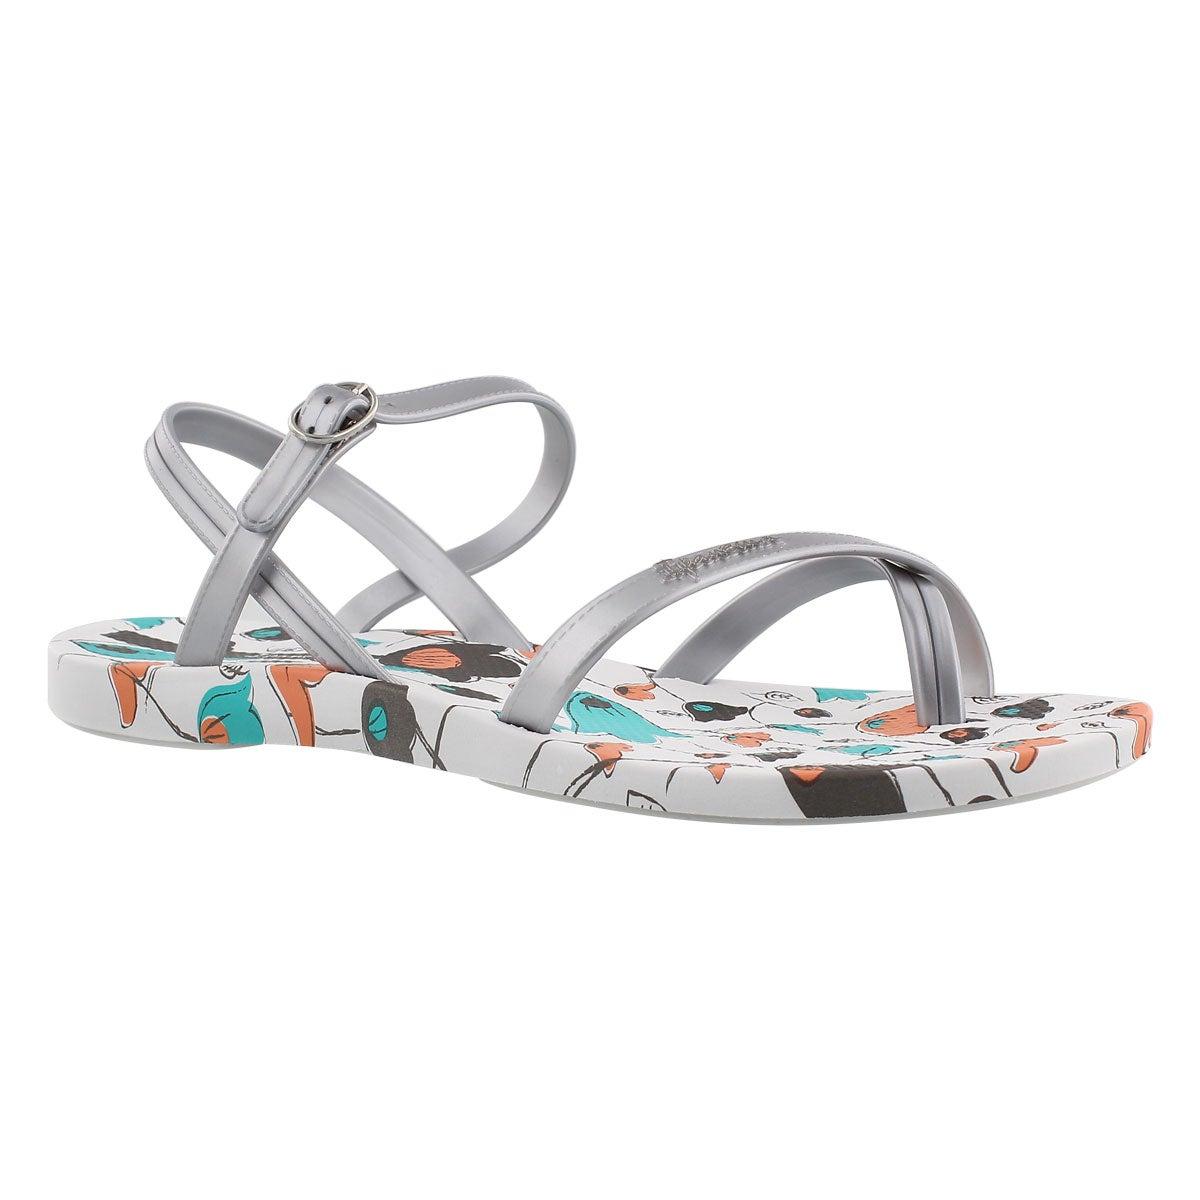 Women's SAND white printed toe loop flip flops